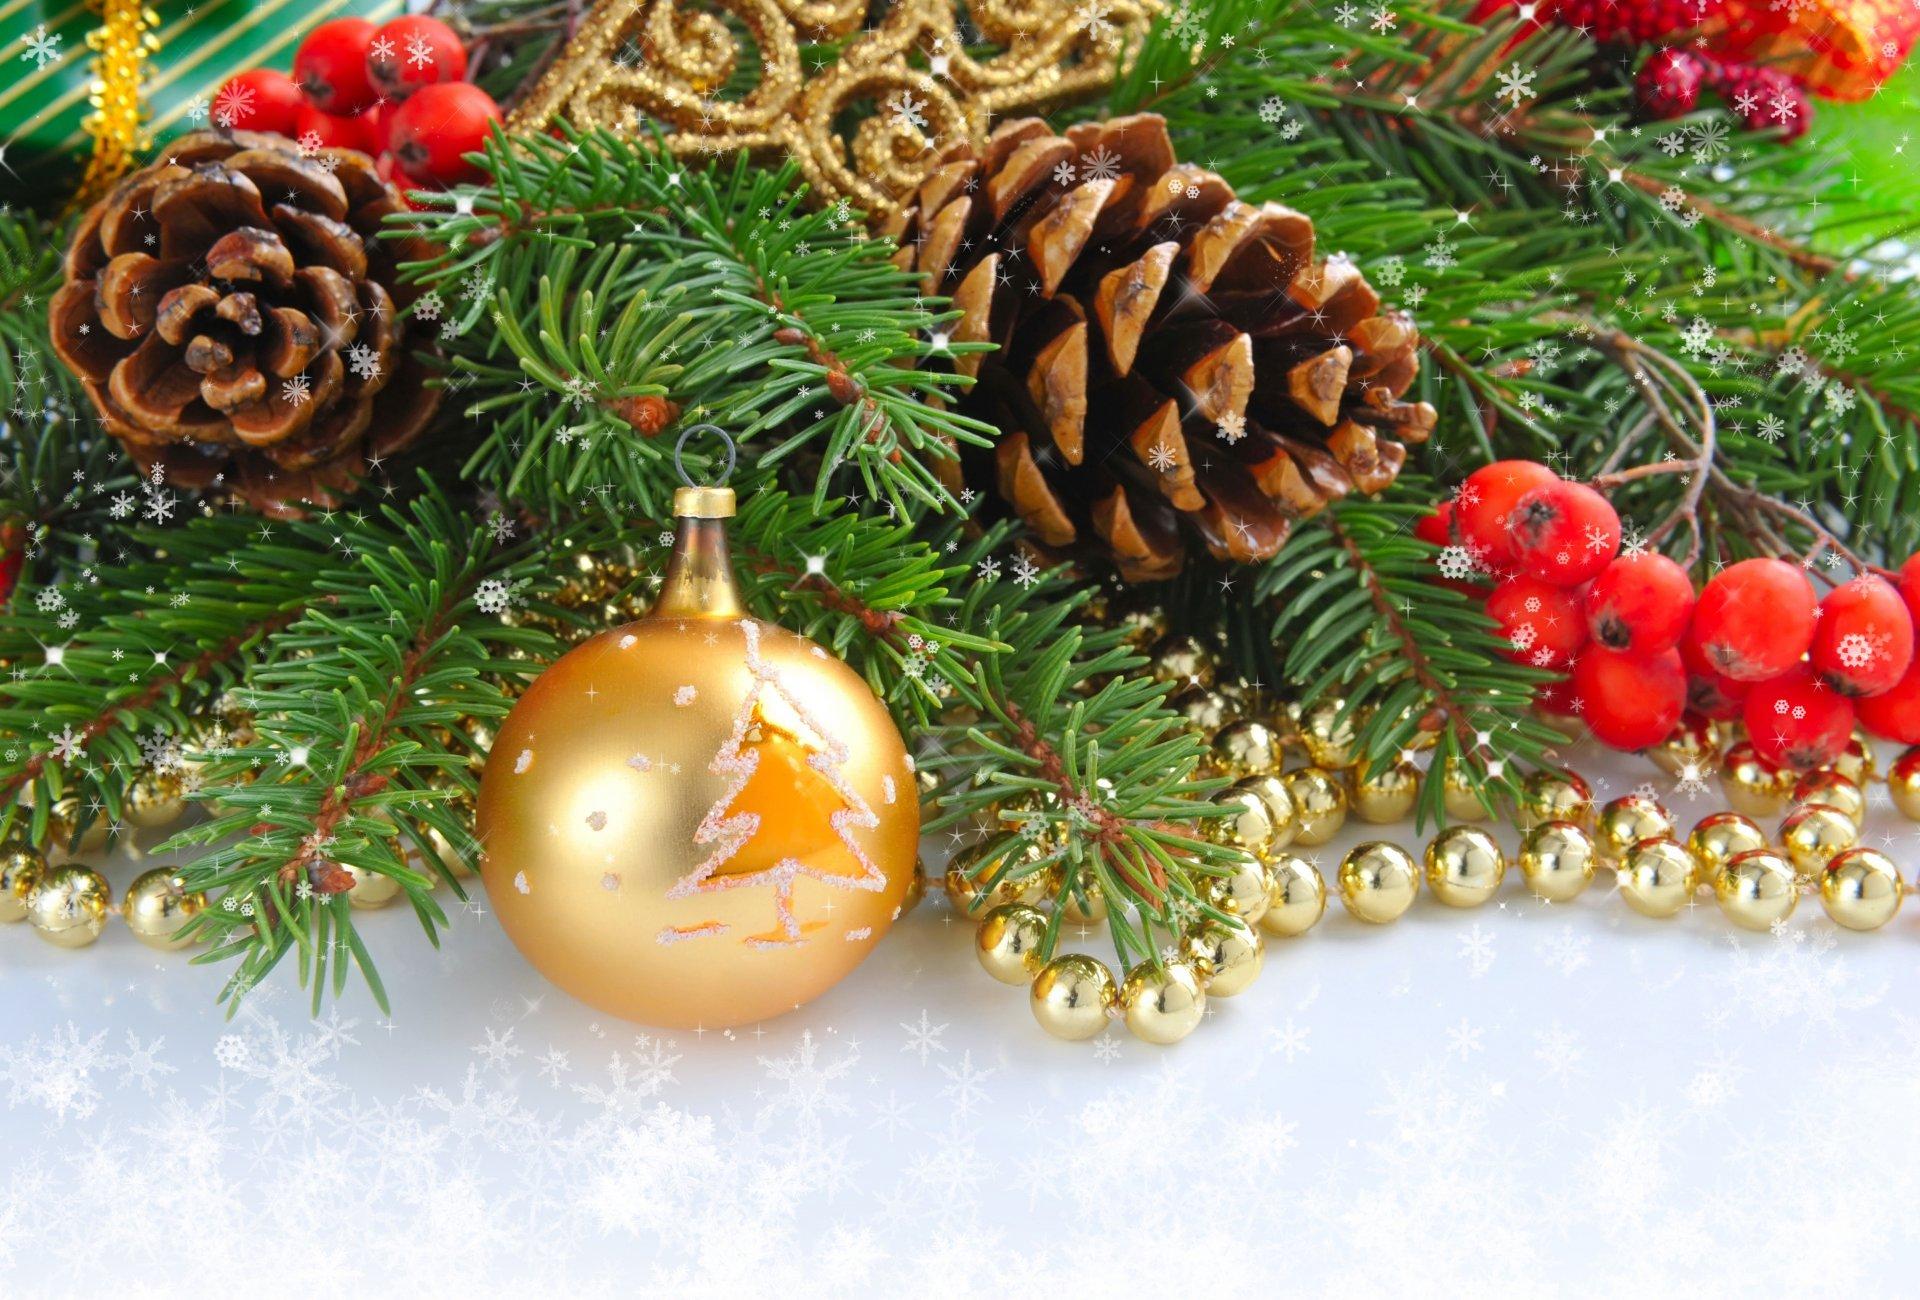 Картинки, открытка новогодняя елка с шаром